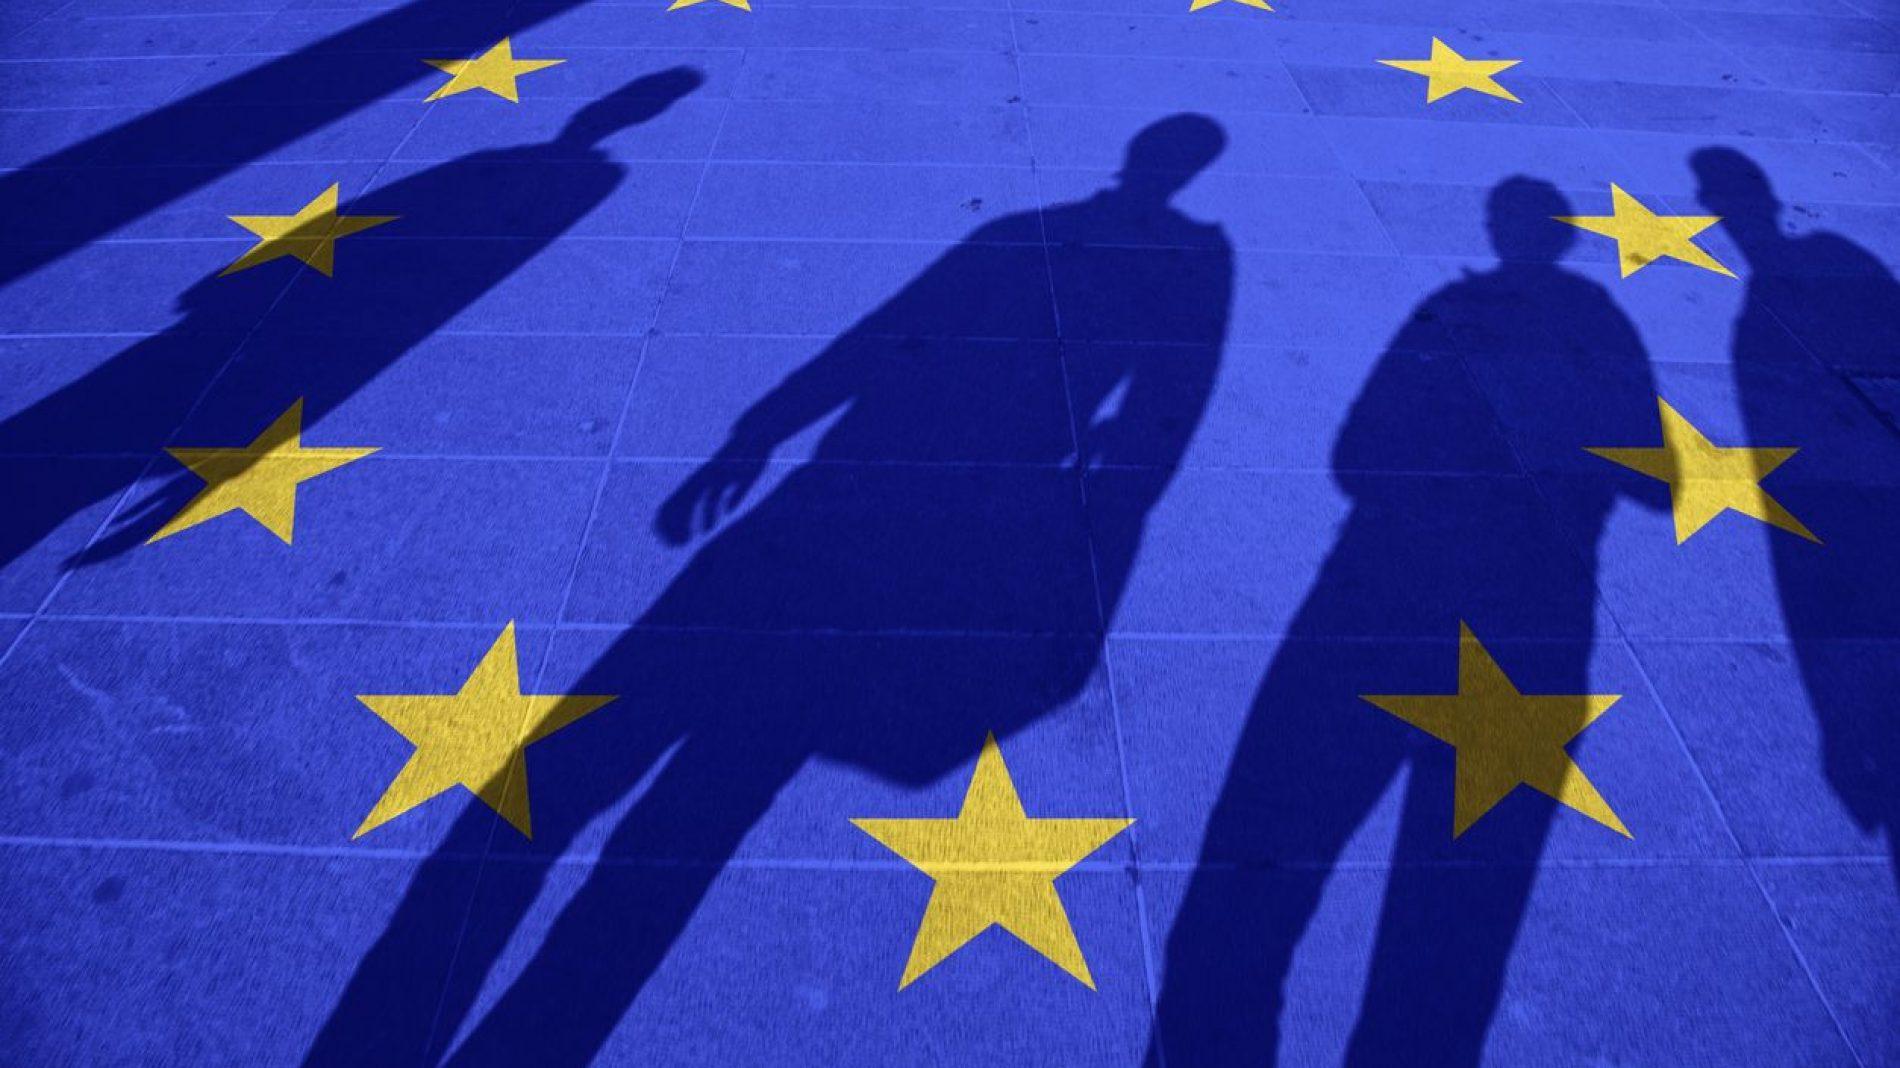 Shadows standing over the EU flag